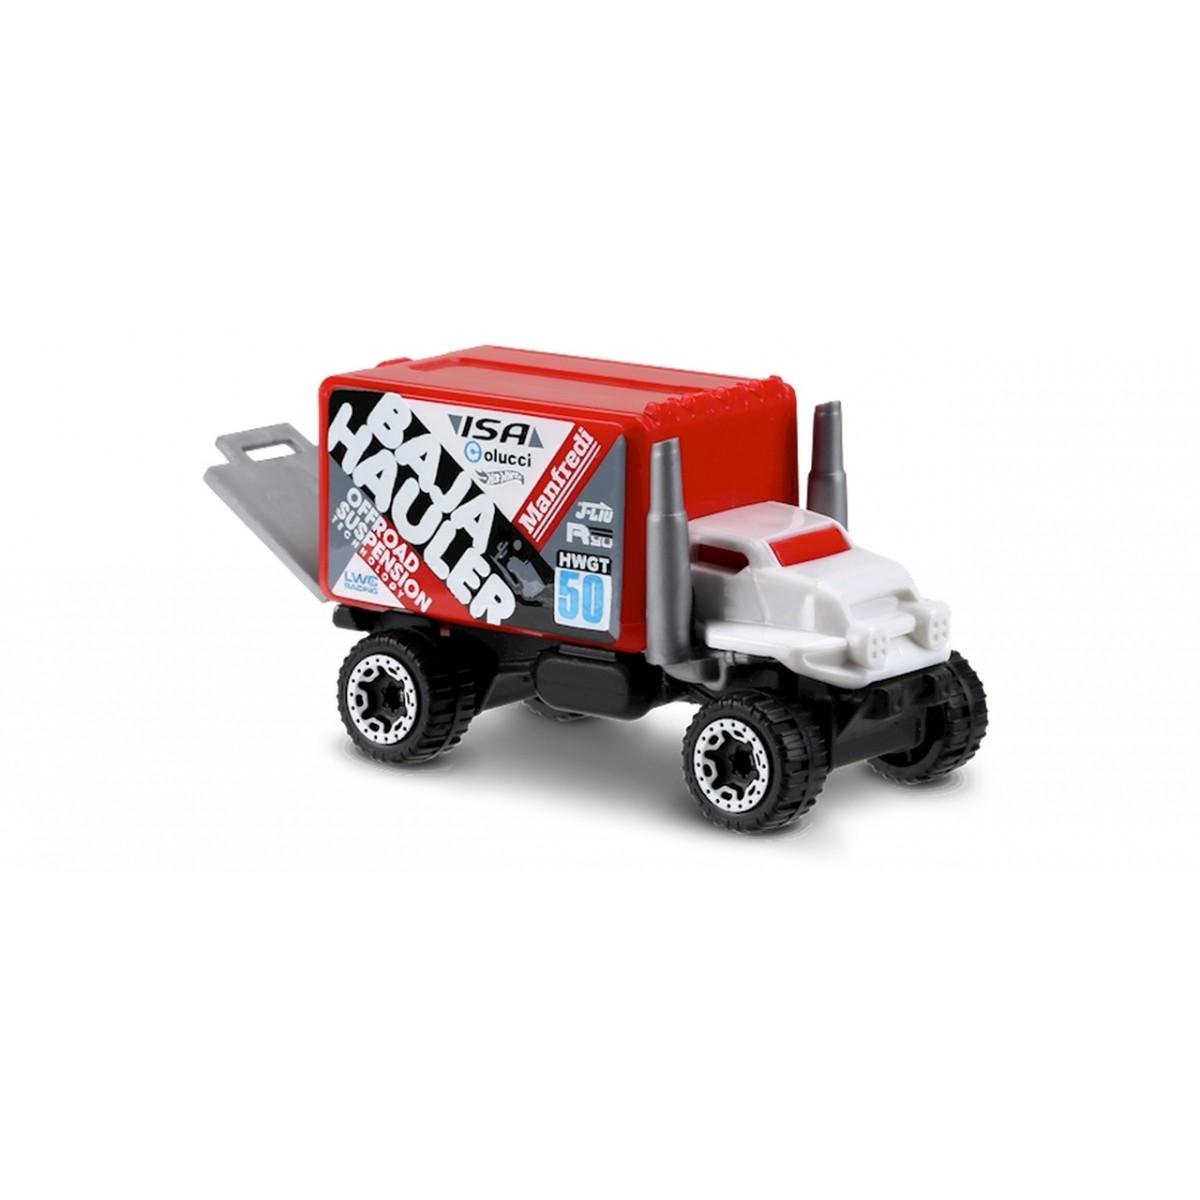 Carrinho Hot Wheels: Baja Hauler Vermelho e Branco